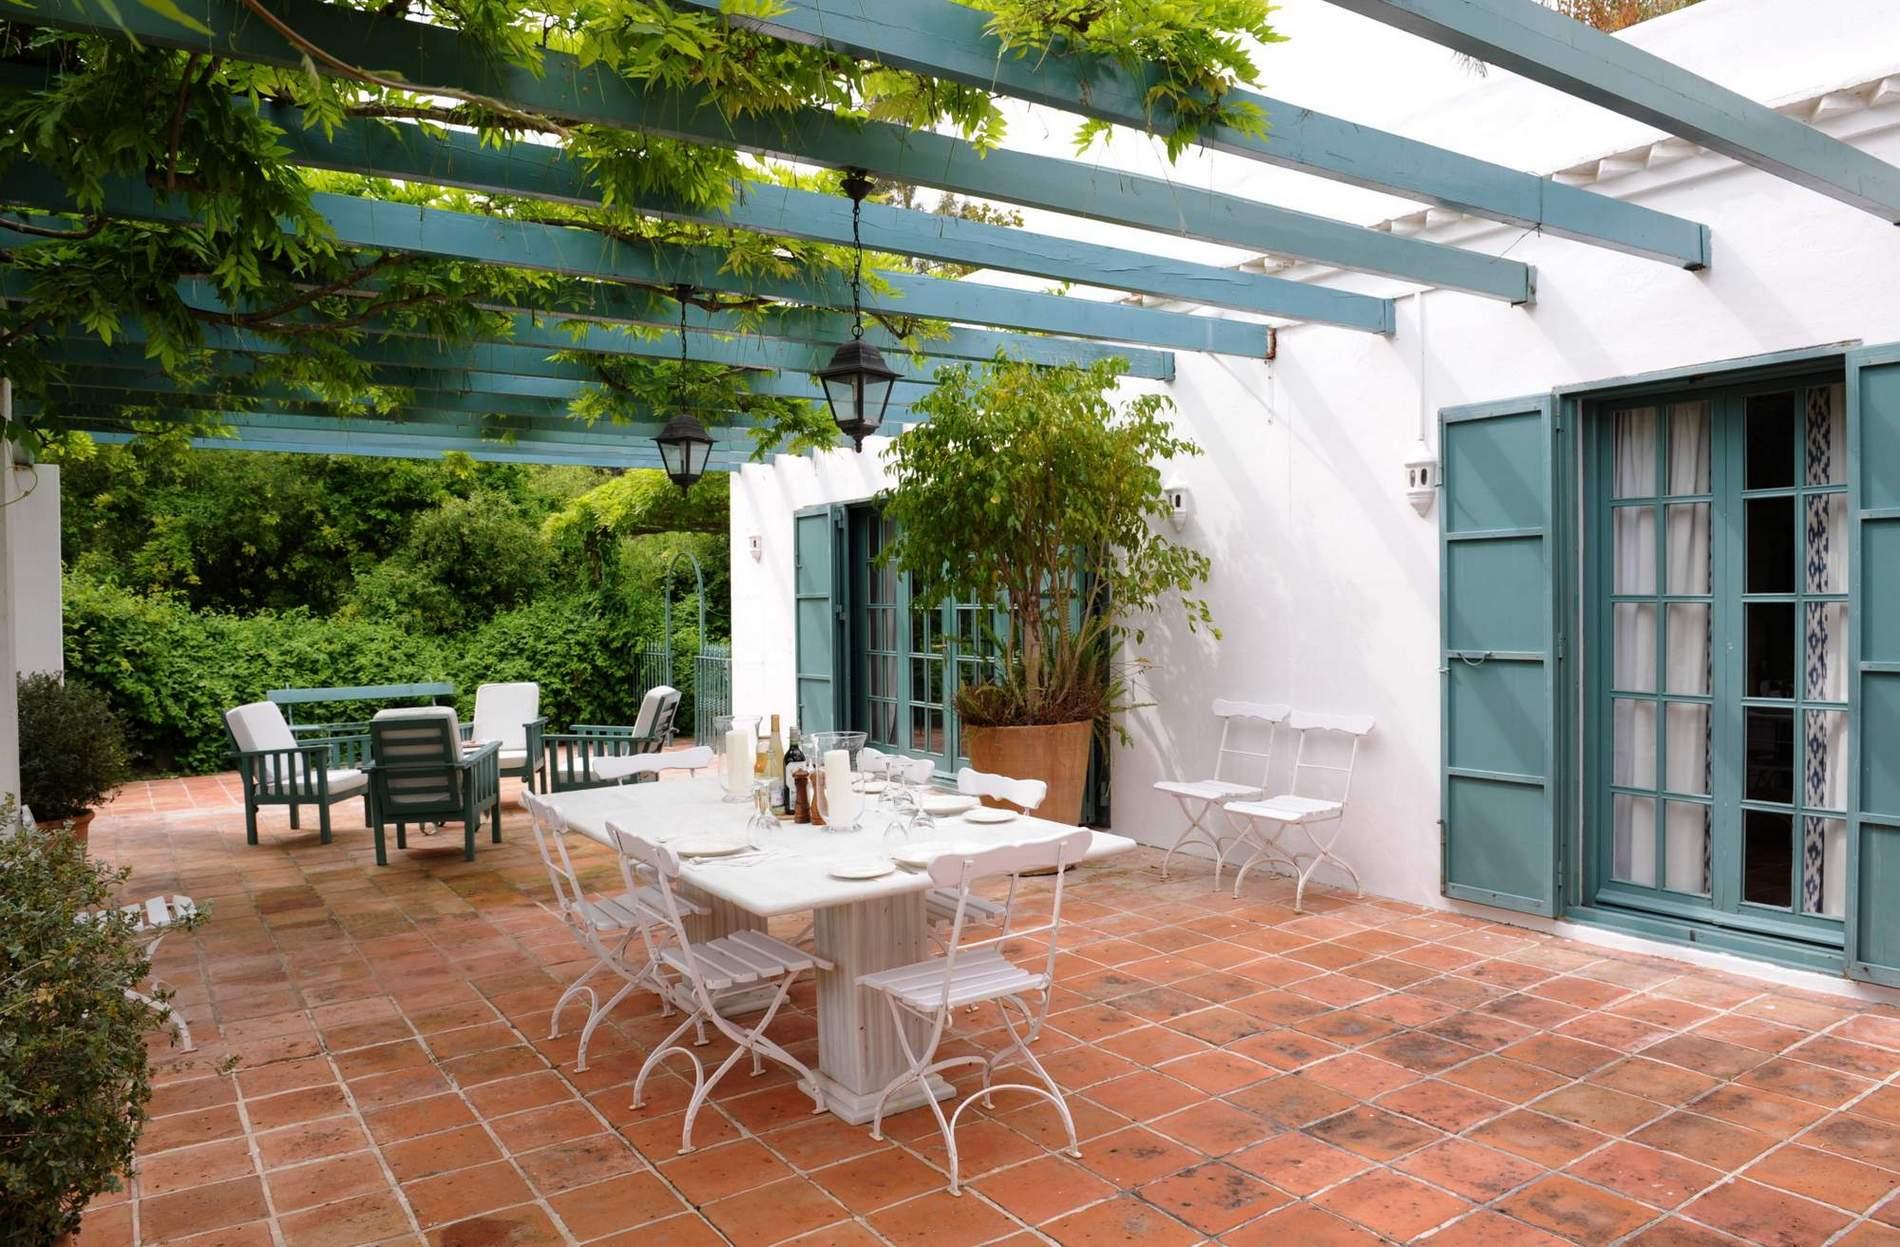 Casa-del-Rio-Terrace-1.jpg